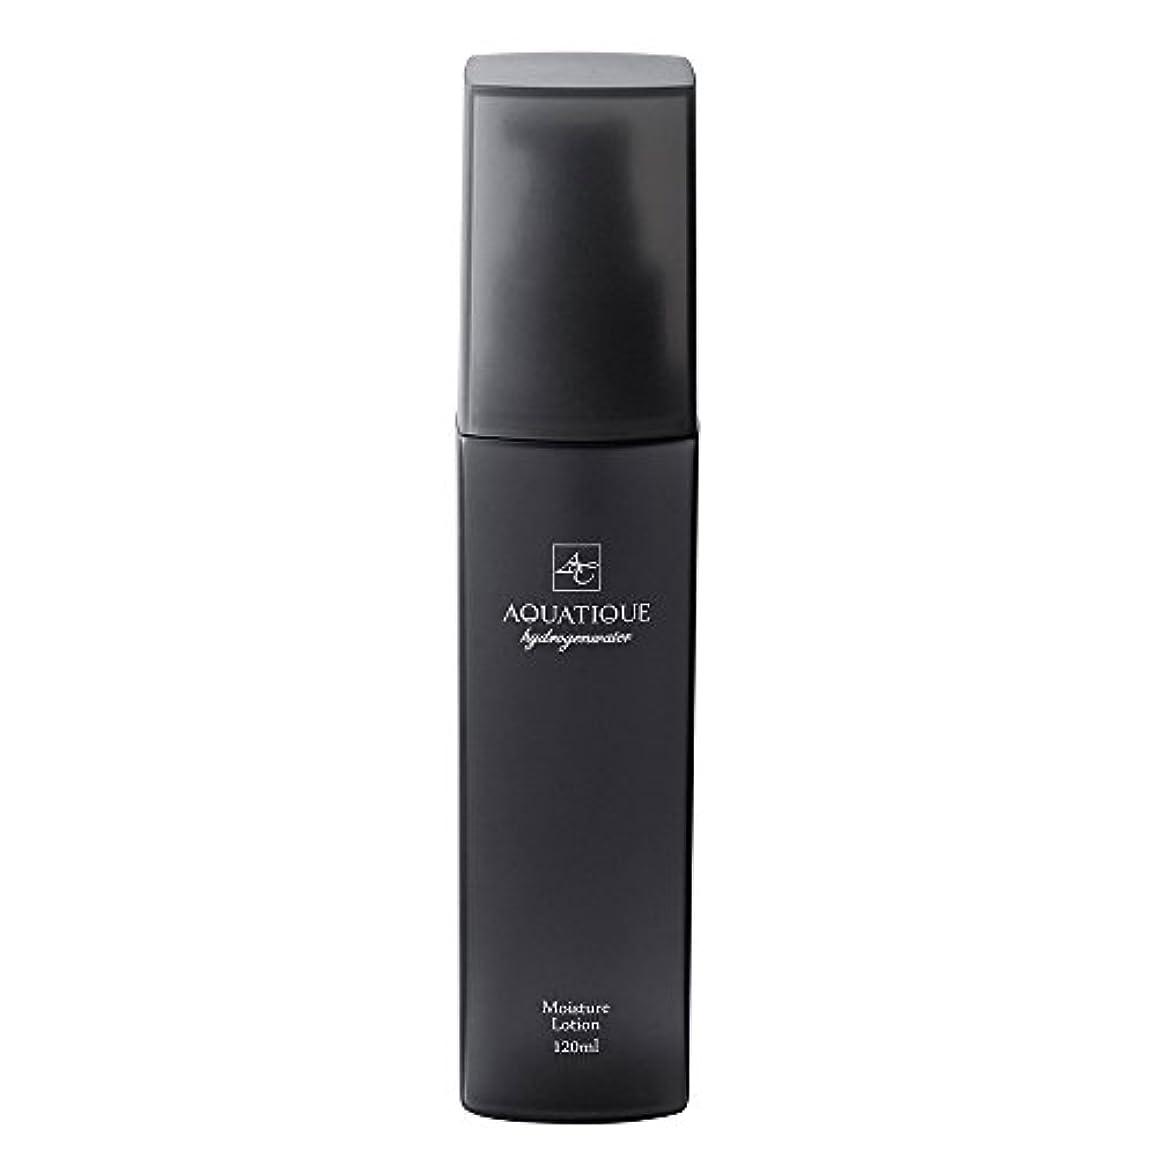 汗クラッチハーブ水素化粧水 アクアティーク モイスチャーローション 120ml (化粧水)